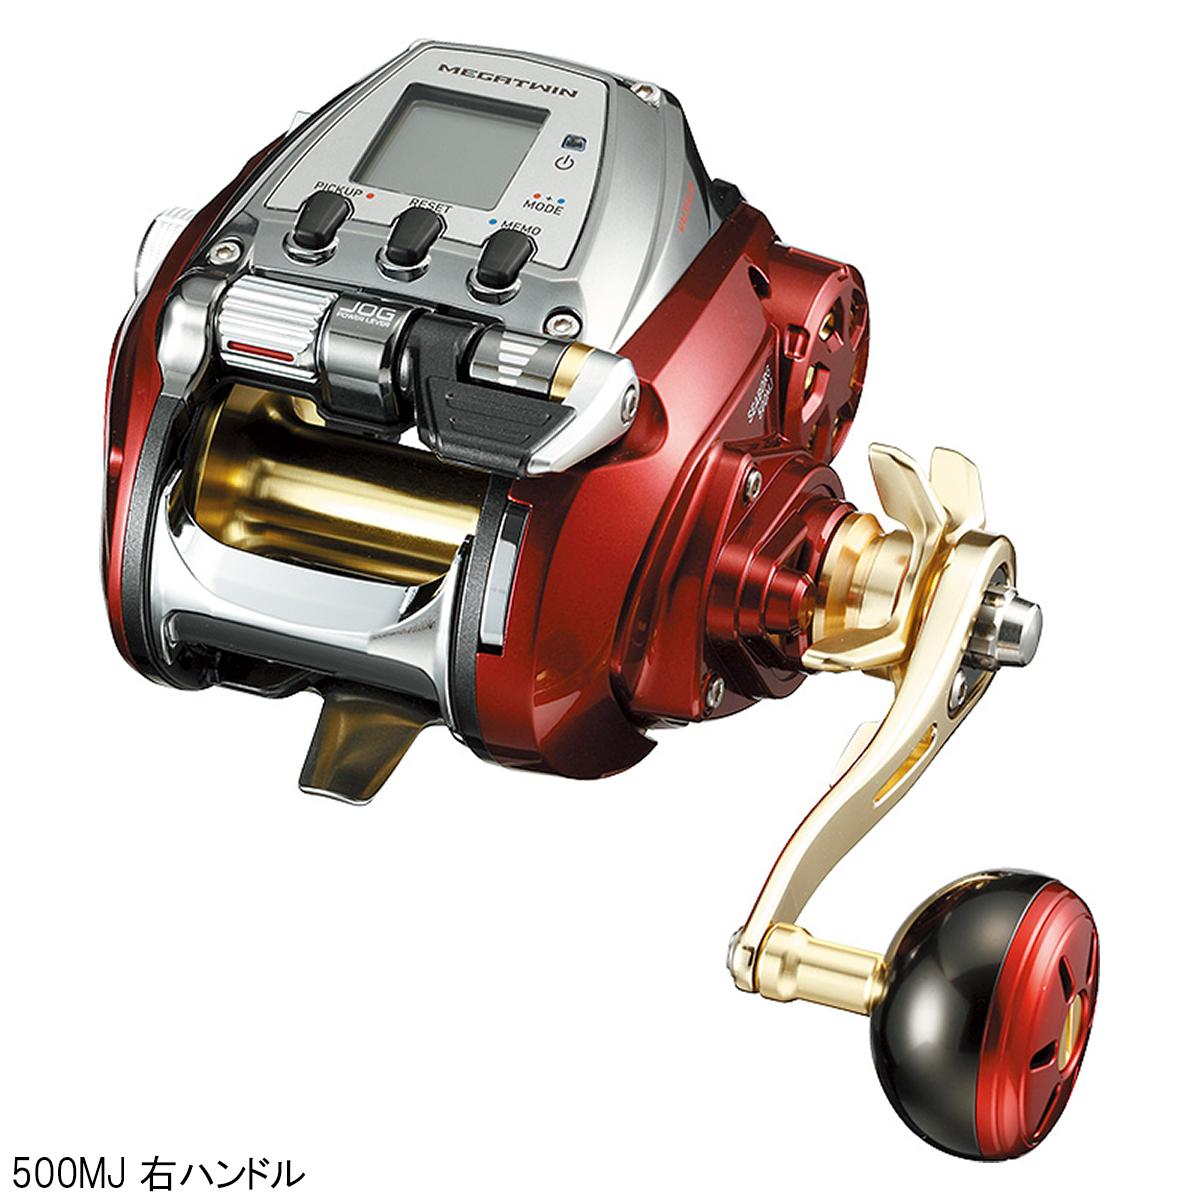 【8月30日エントリーで最大P36倍!】ダイワ シーボーグ 500MJ 右ハンドル